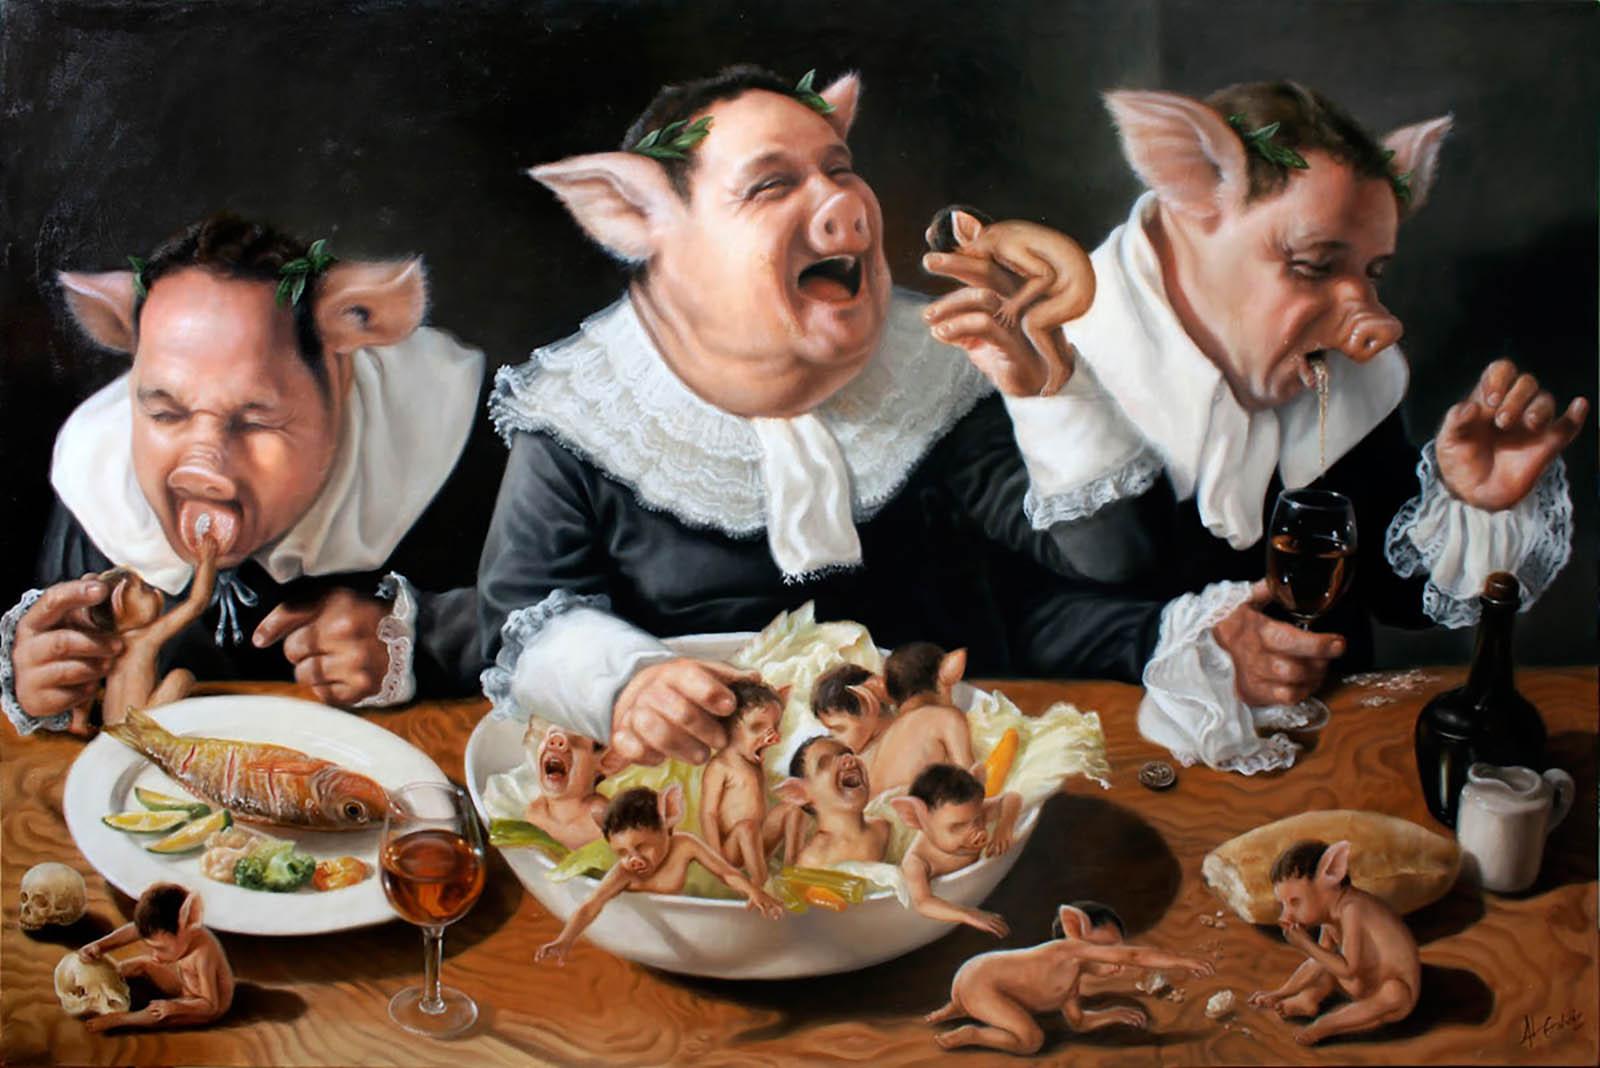 jose-luis-lopez-galvan-pinturas-surrealismo-terror-arte-mexico-fotos-portada-pinturas-surrealis